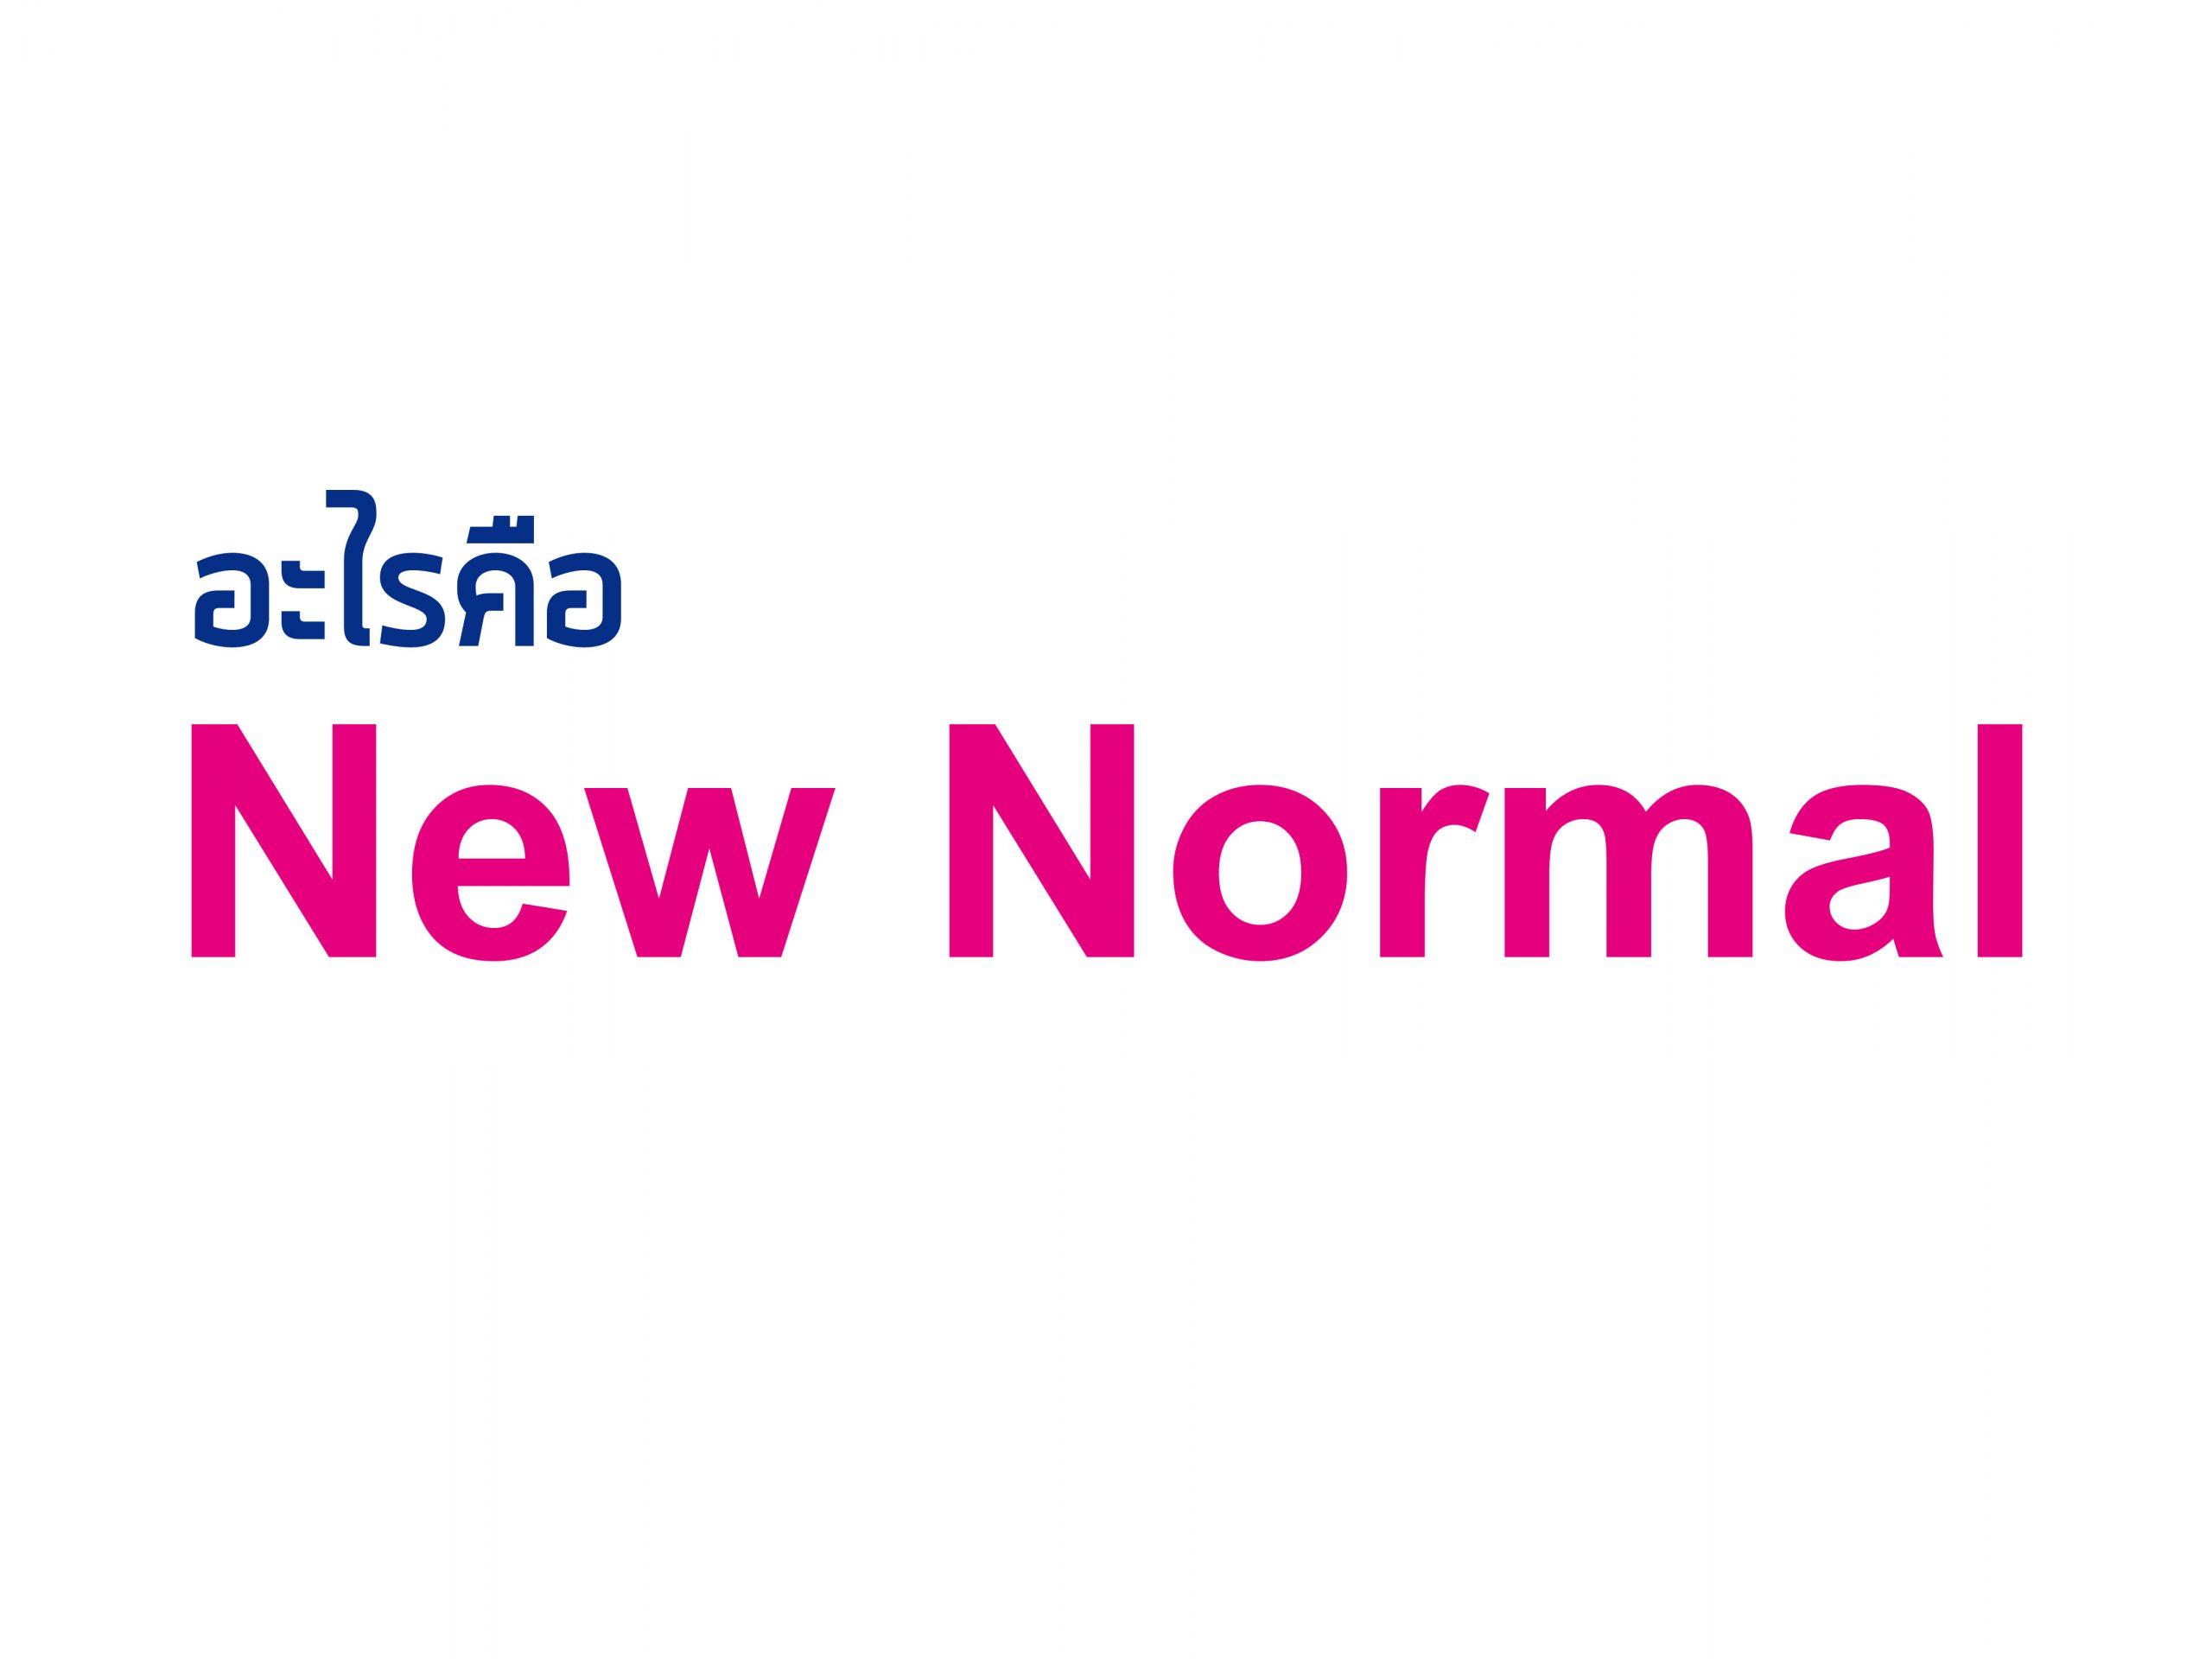 มาทำความรู้จักคำว่า New Normal กัน